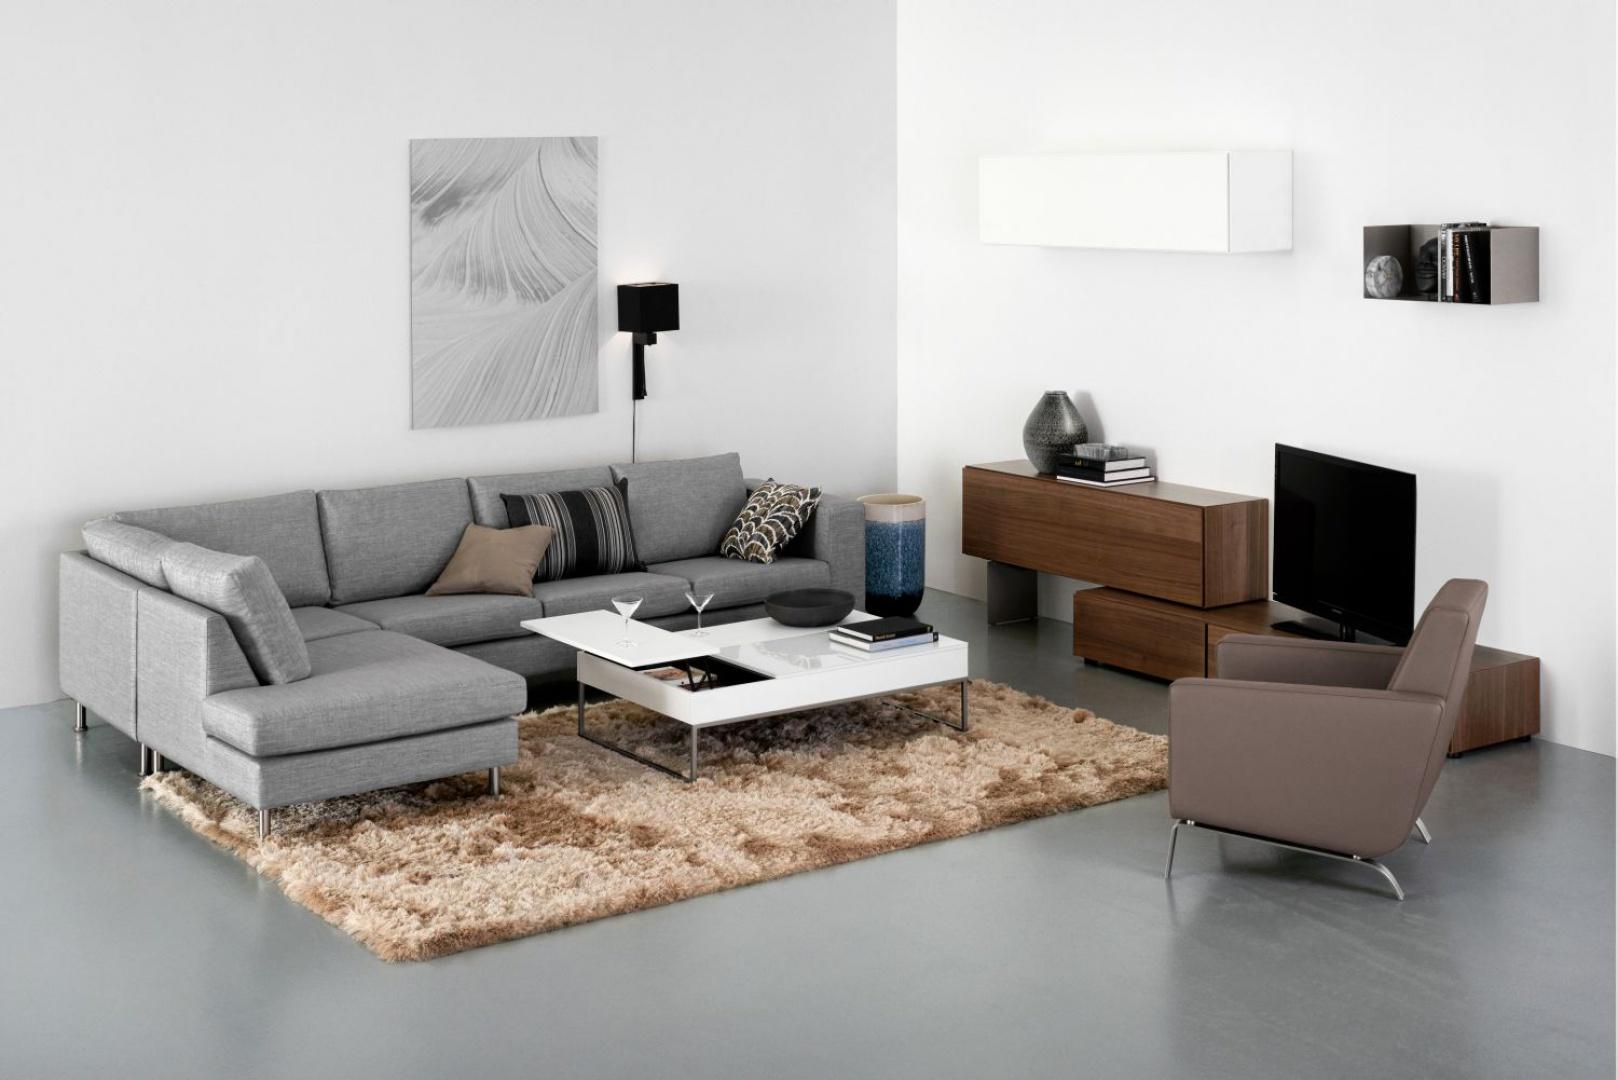 Modułowa sofa Cenova posiada miękkie poduchy siedzisk oraz dodatkowe podparcie na podłokietnikach, dając jeszcze lepszy komfort użytkowania. Wybieraj spośród dwóch różnych poduch oparcia: klasyczne lub w formie luźnej dla bardziej swobodnego wyglądu. Fot. BoConcept.